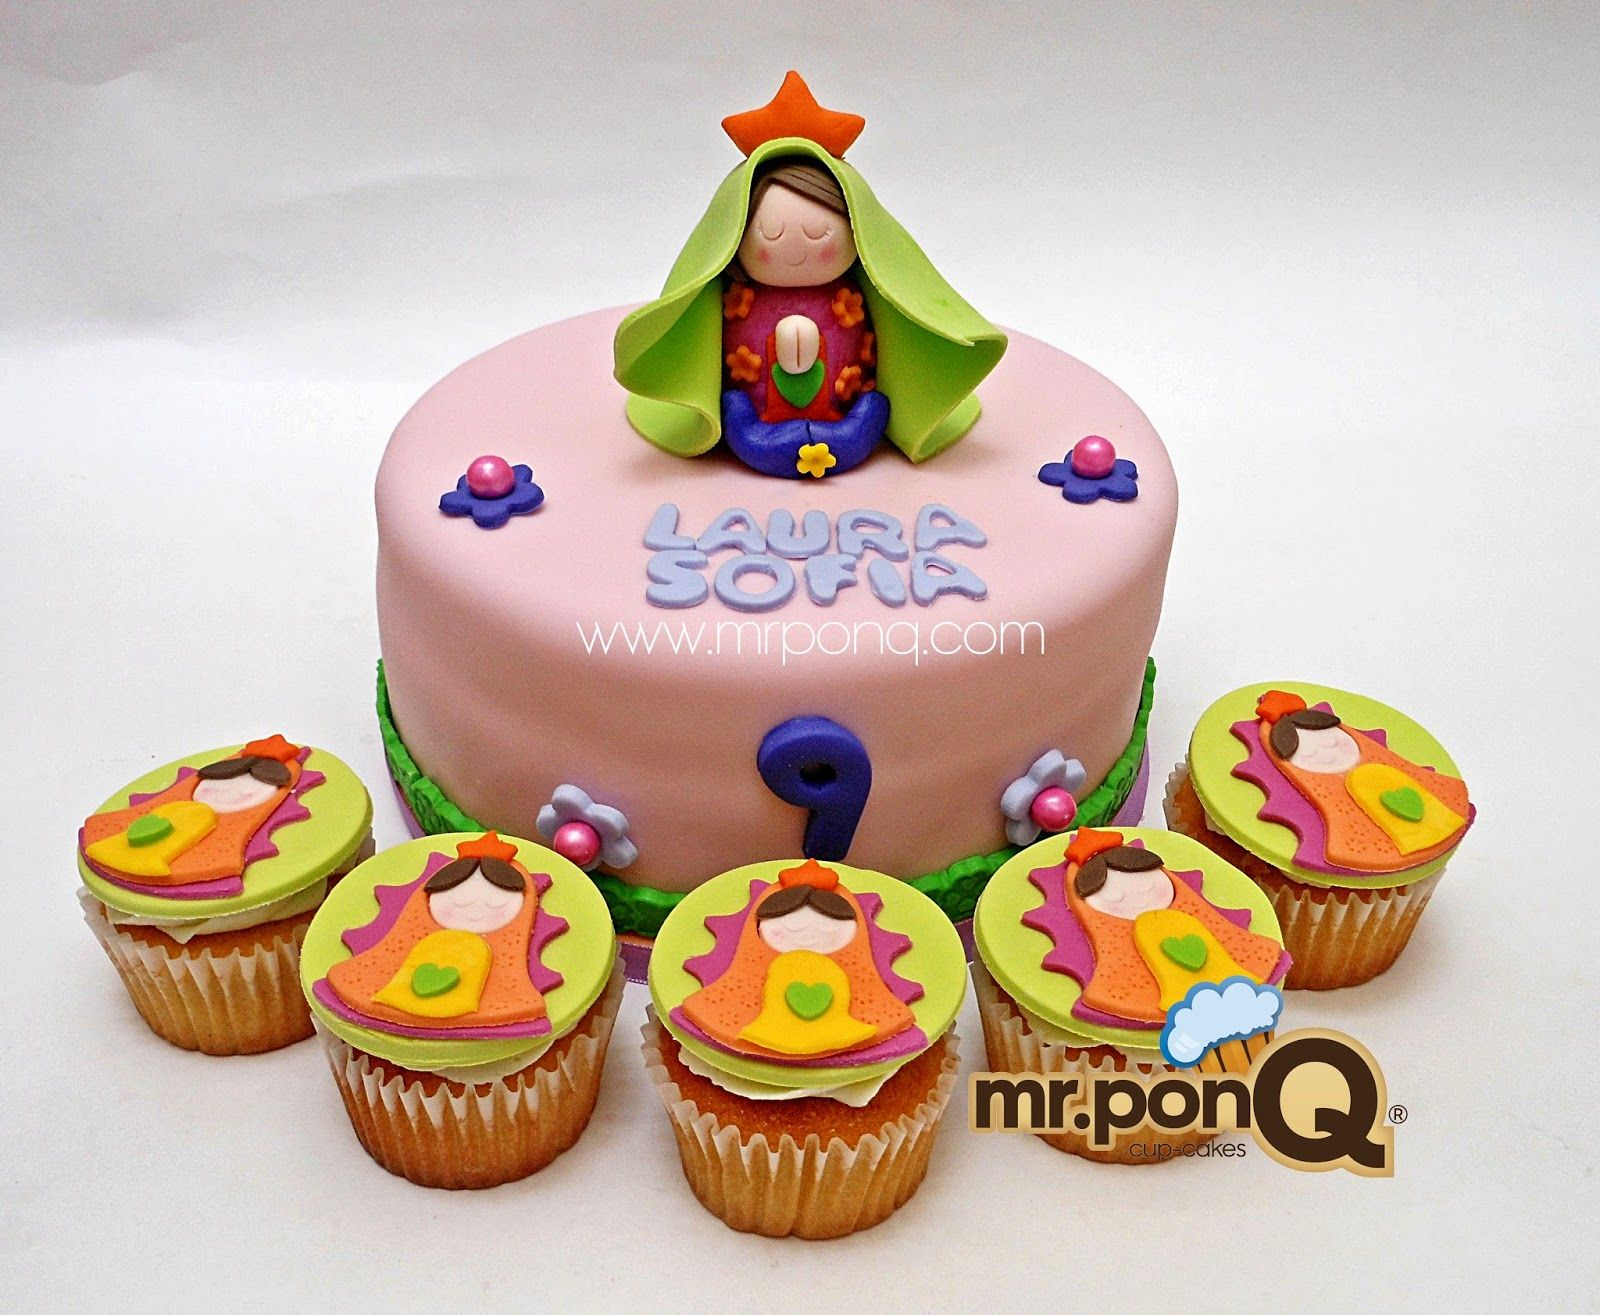 mrponq cupcakes Medellin galletas decoradas tortas temáticas y